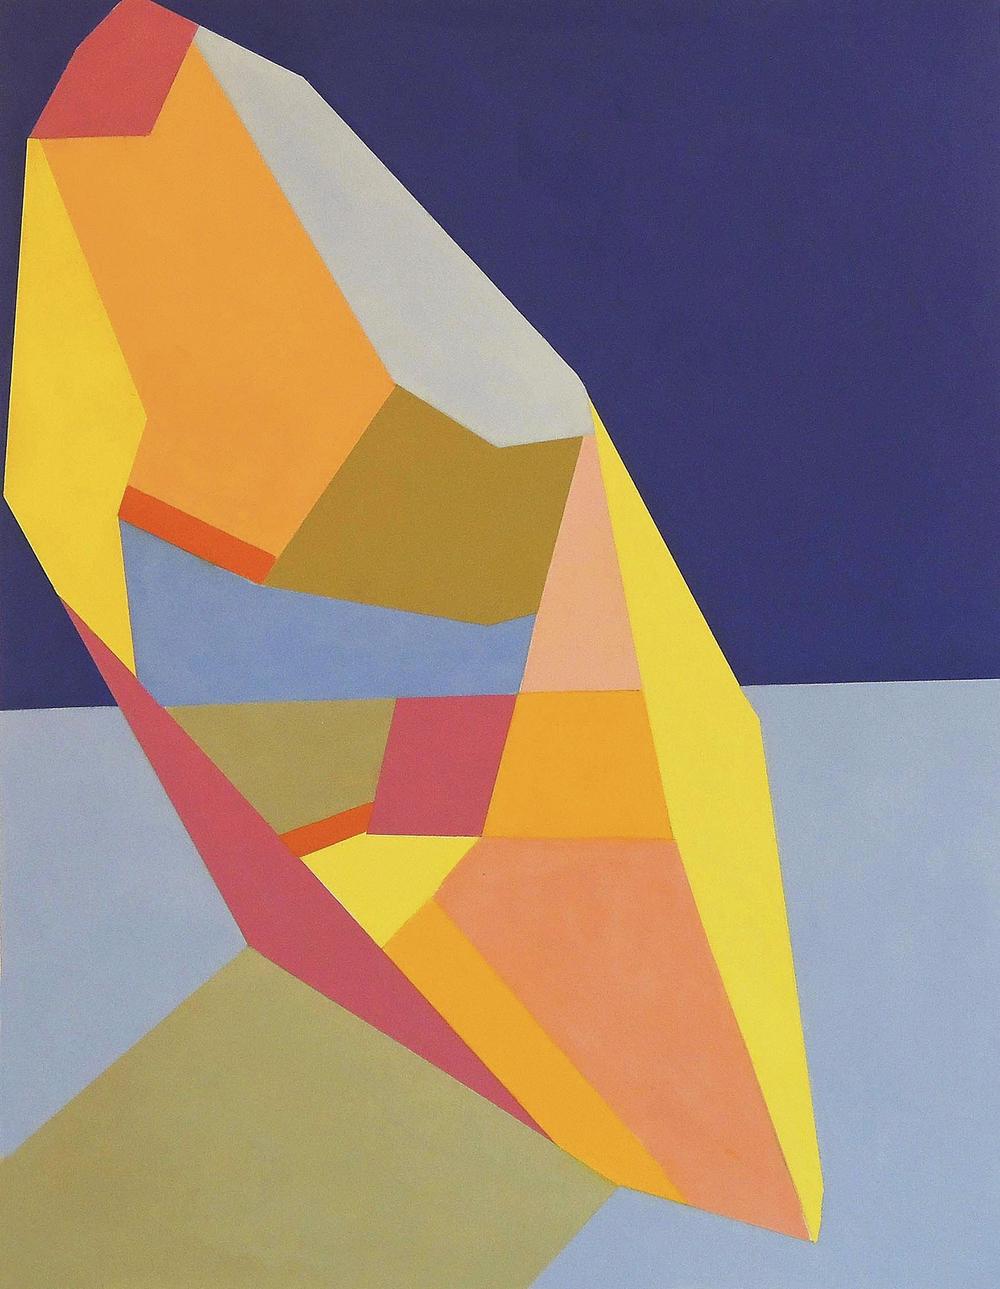 Tilt oil on paper 19x14, 2015